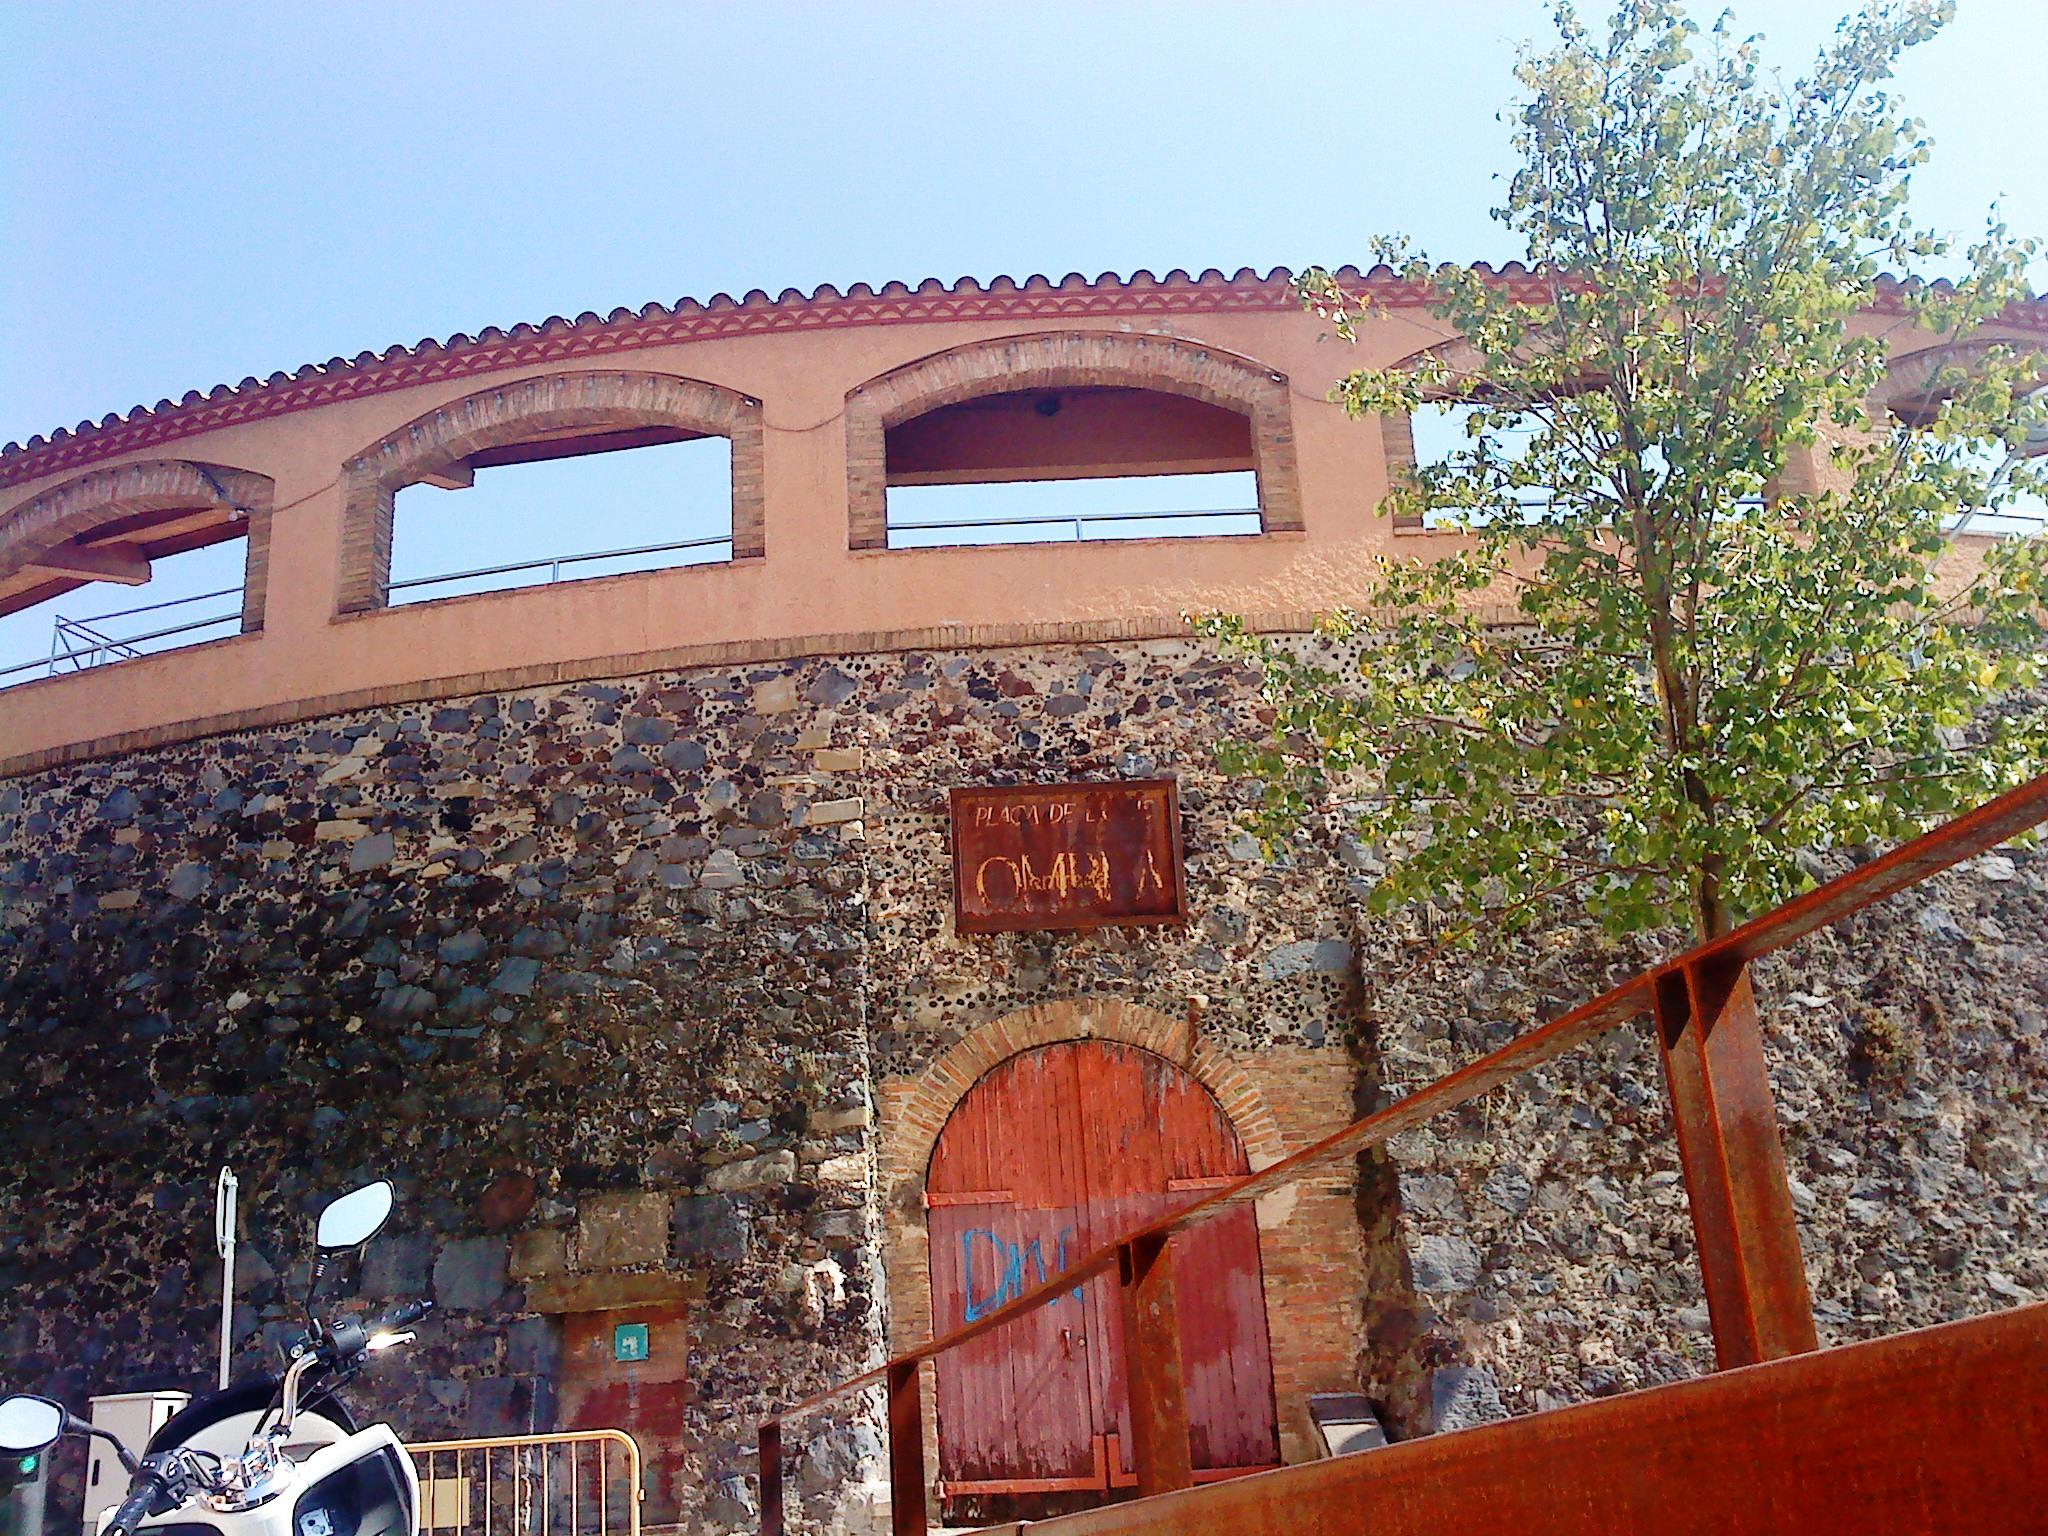 Depiction of Plaza de toros de Olot